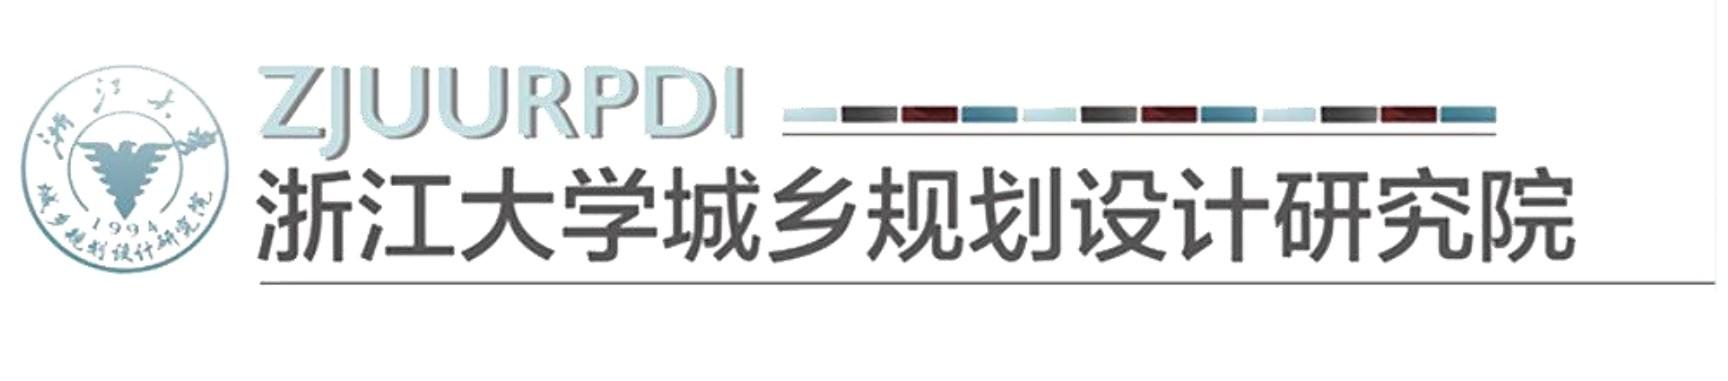 浙大规划院-招聘启事-1.jpg